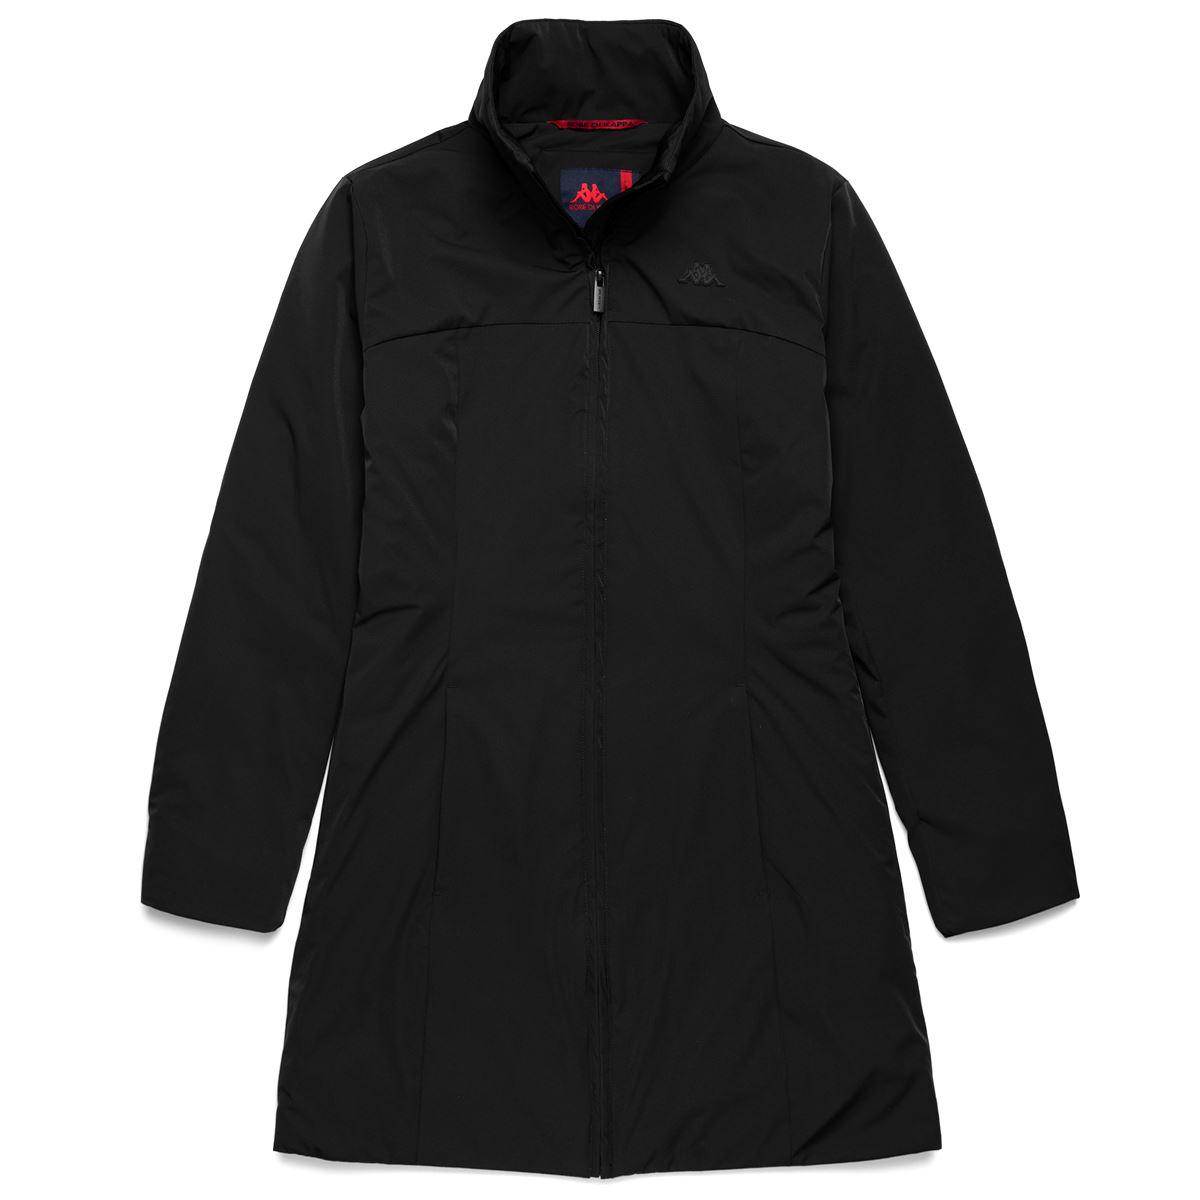 Robe di Kappa Giubbotti donna-67118CW